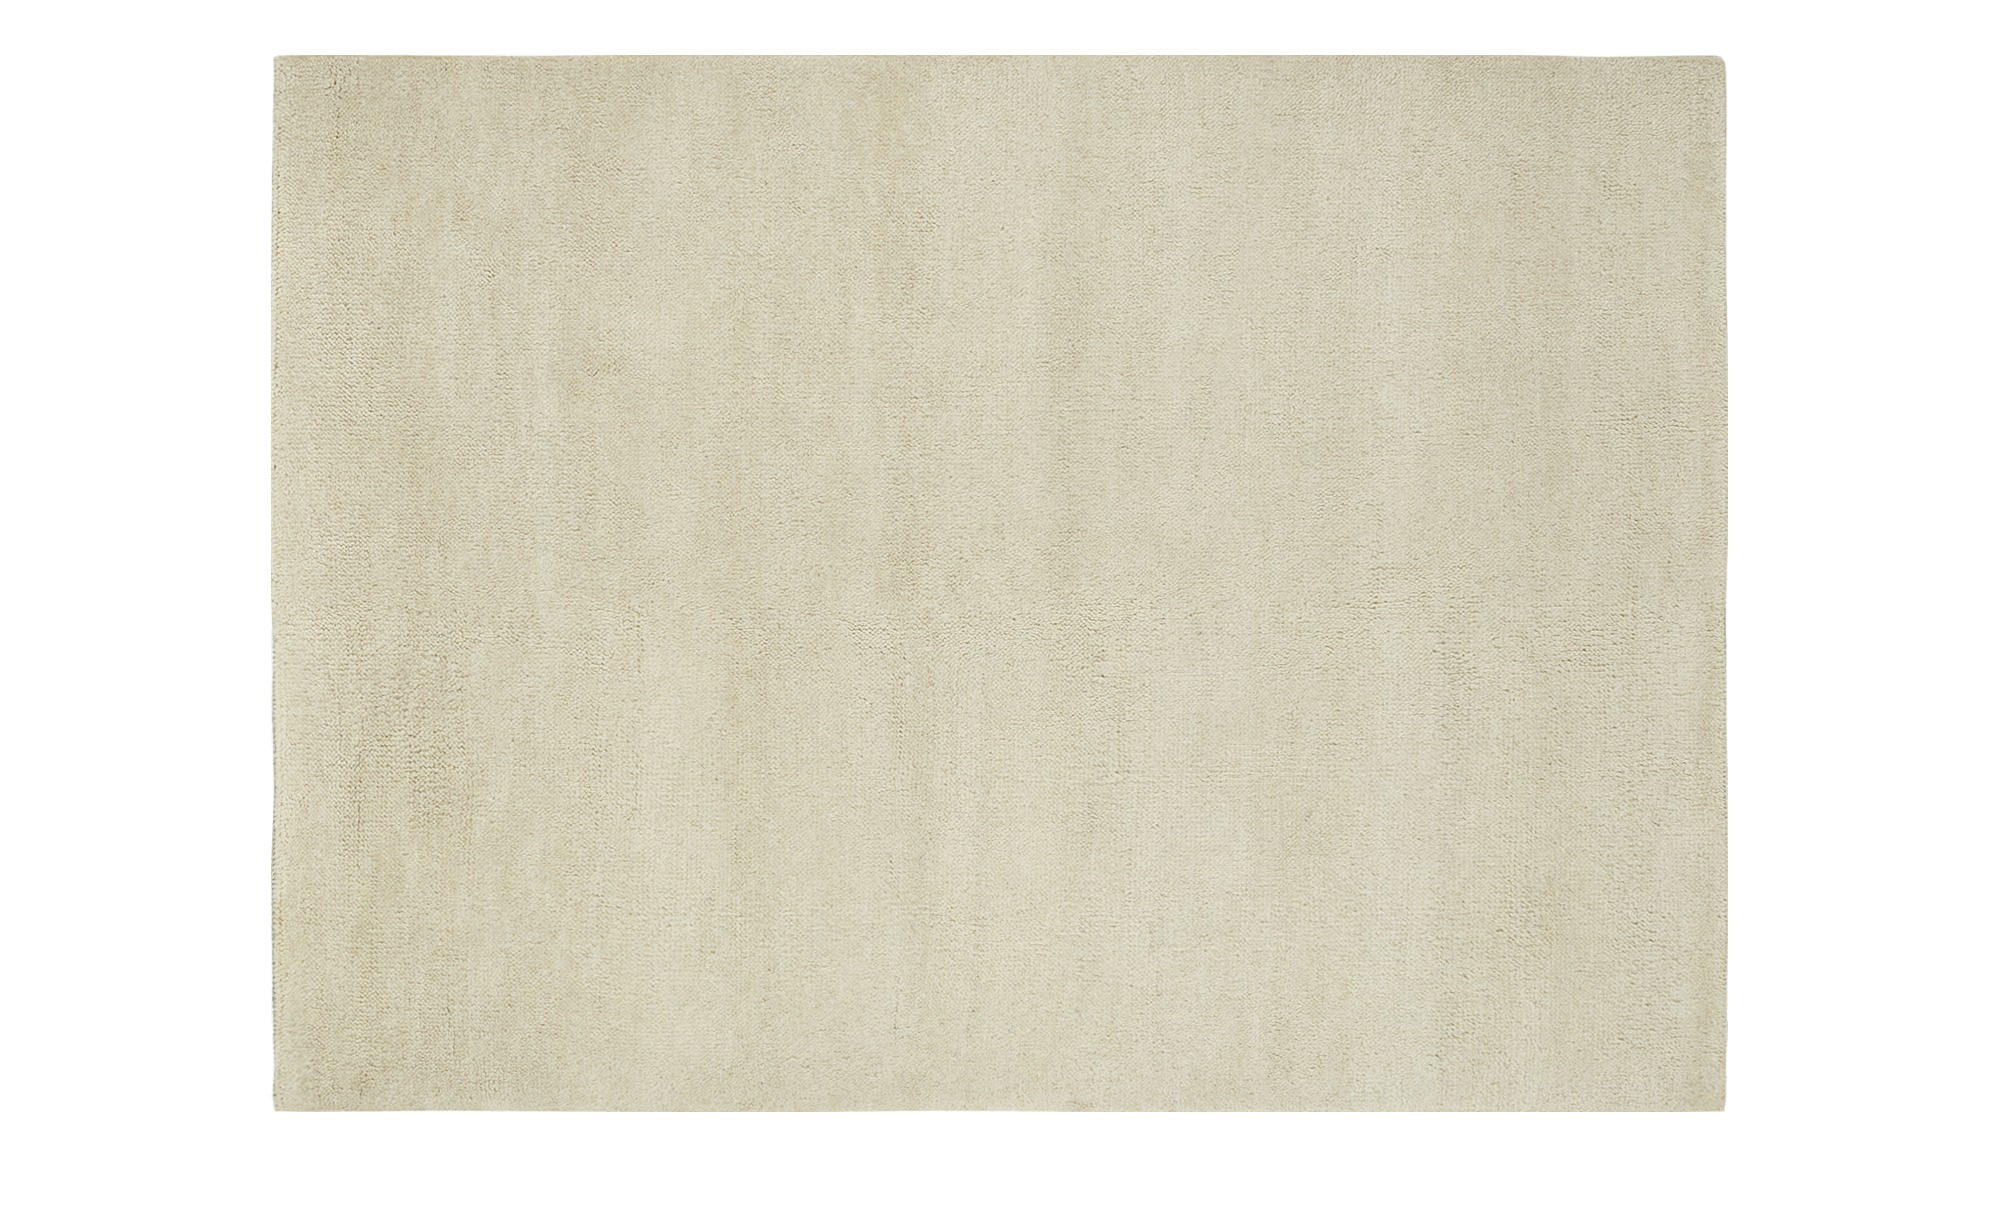 Berber-Teppich  Marrakesh simple ¦ creme ¦ reine Wolle ¦ Maße (cm): B: 140 Teppiche > Wohnteppiche - Höffner